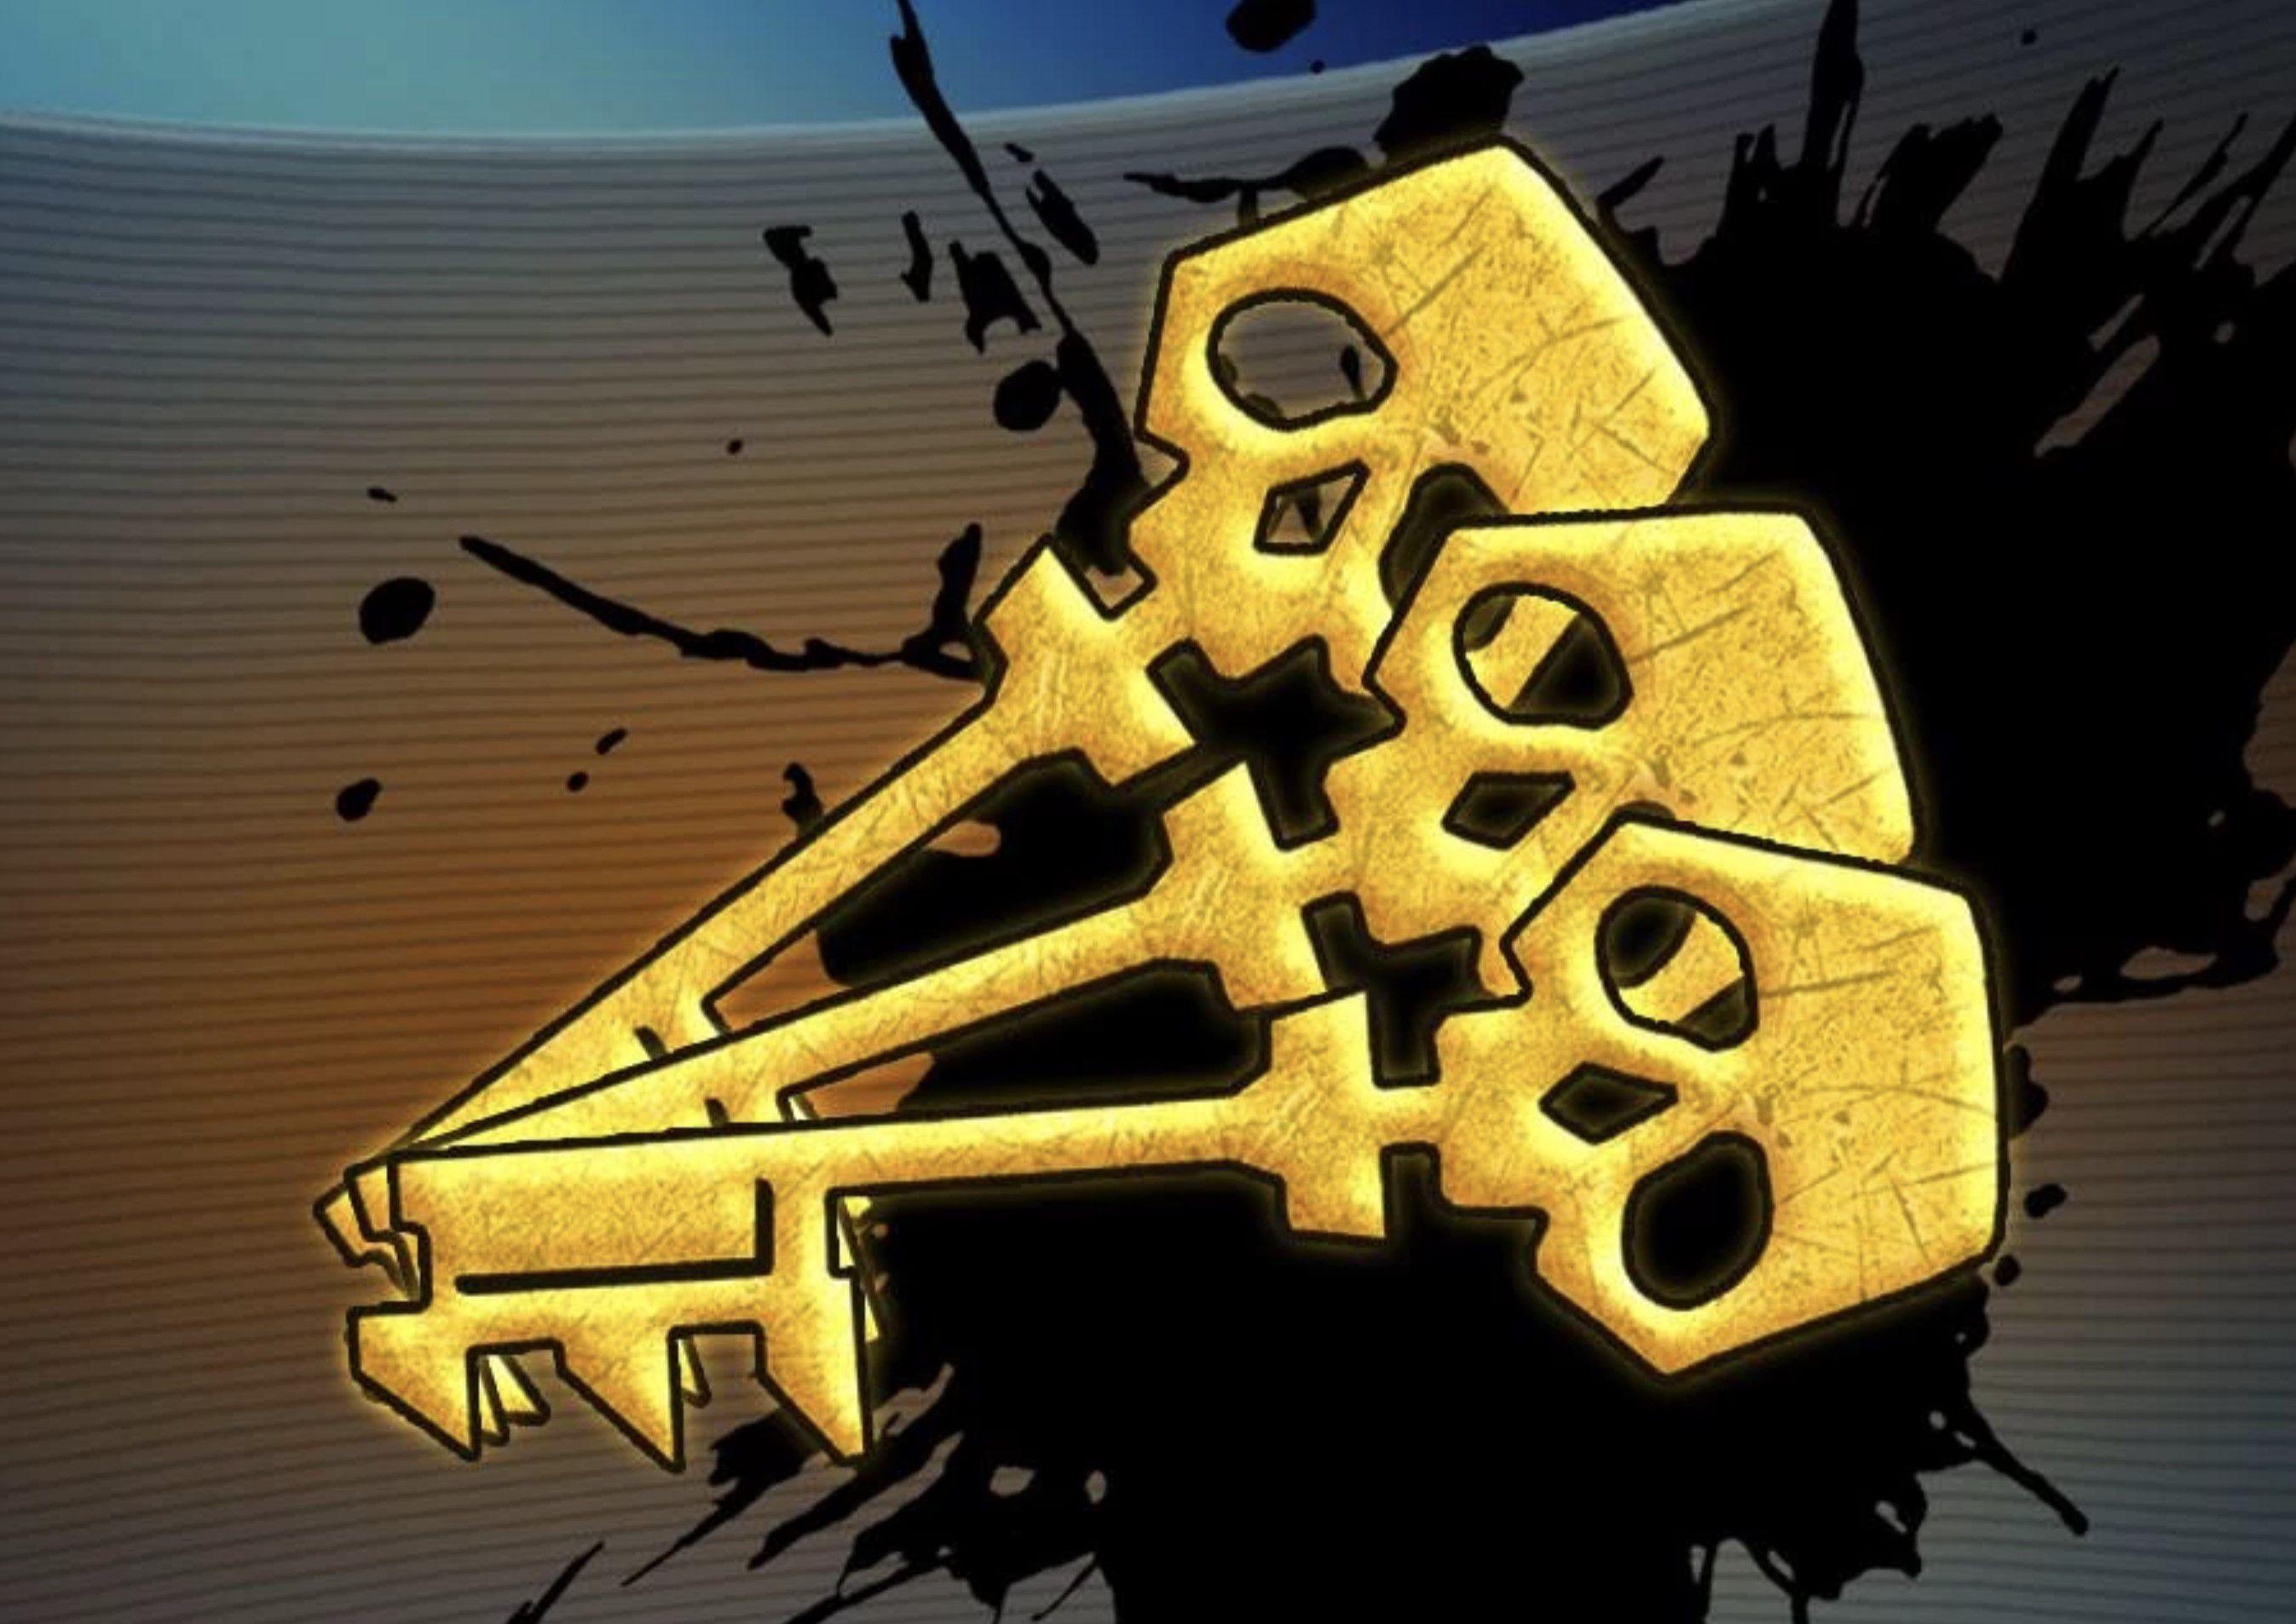 [Guida] Borderlands 3: Come ottenere chiavi d'oro illimitate (Glitch)